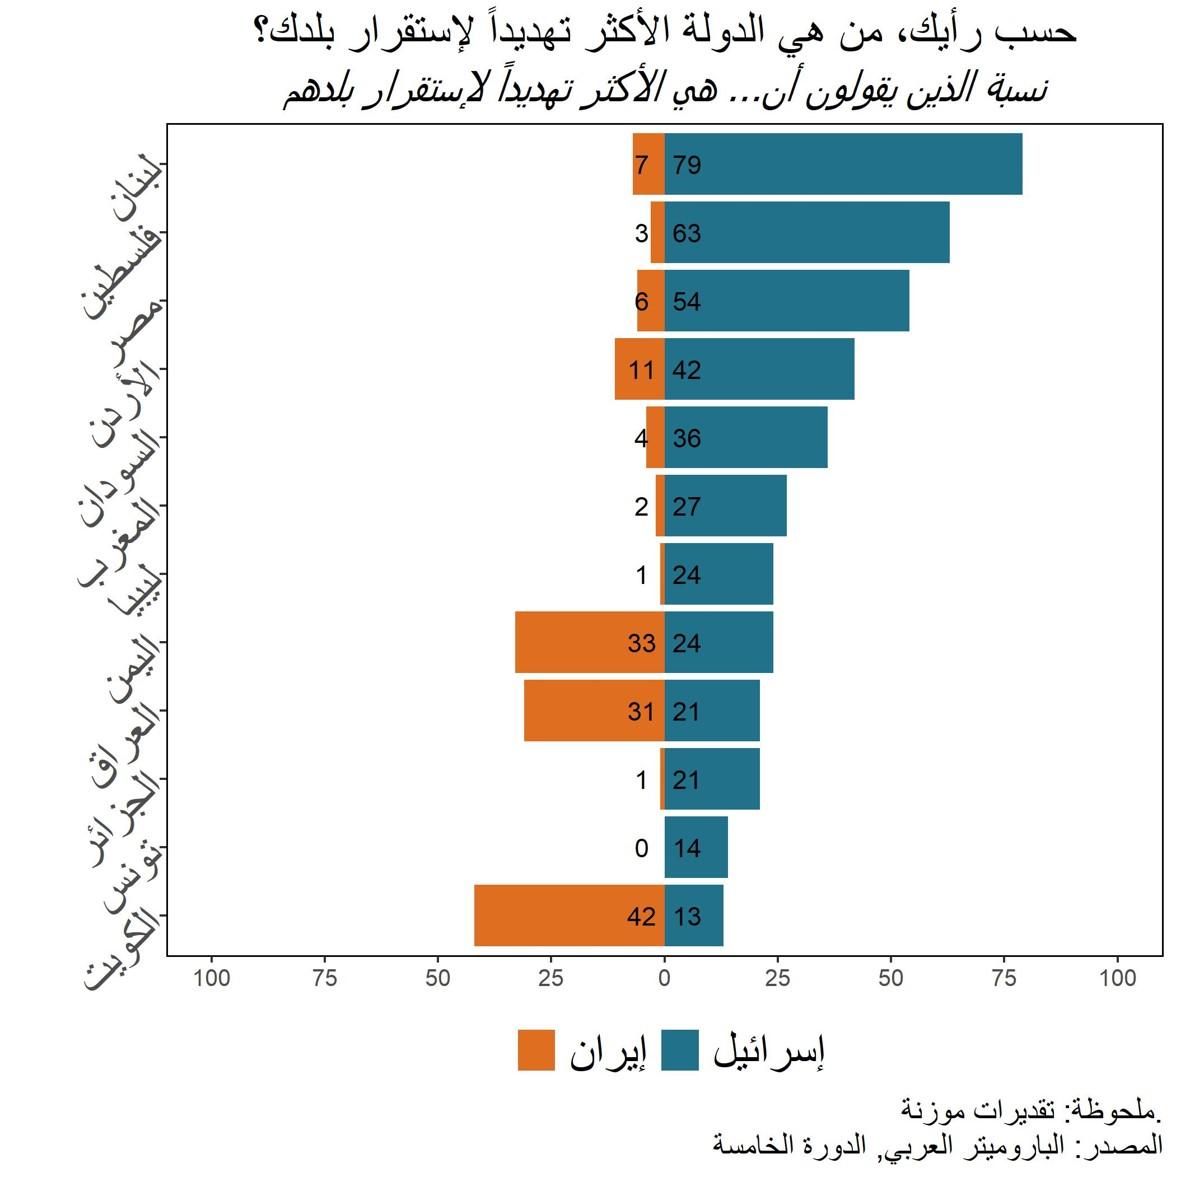 إيران أكثر تهديداً للمنطقة أم إسرائيل؟ هذا رأي العرب